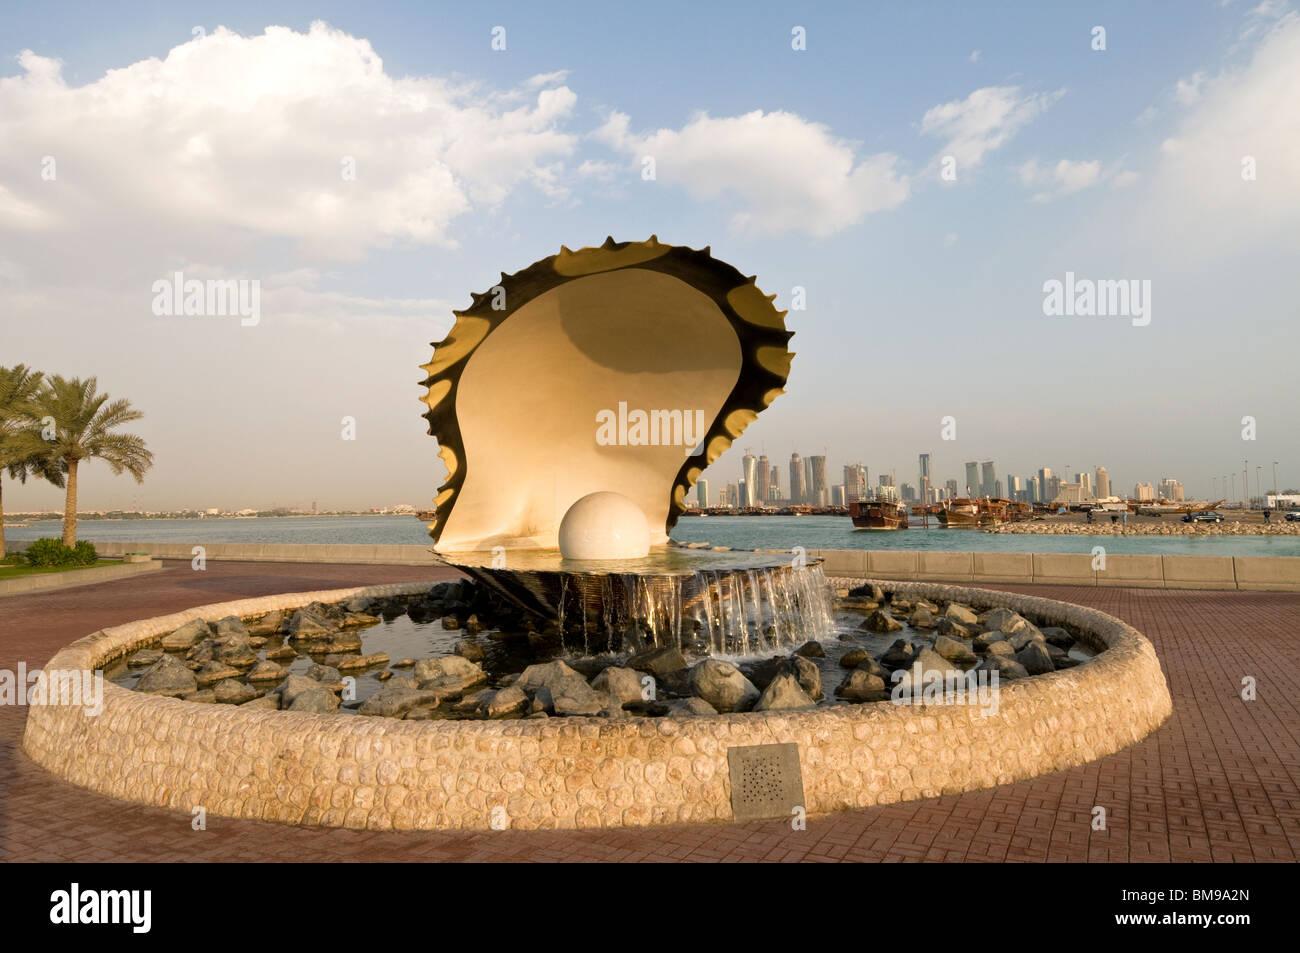 Elk205-1004 Qatar, Doha, Al Corniche, Pearl Monument avec derrière les toits de la ville Photo Stock